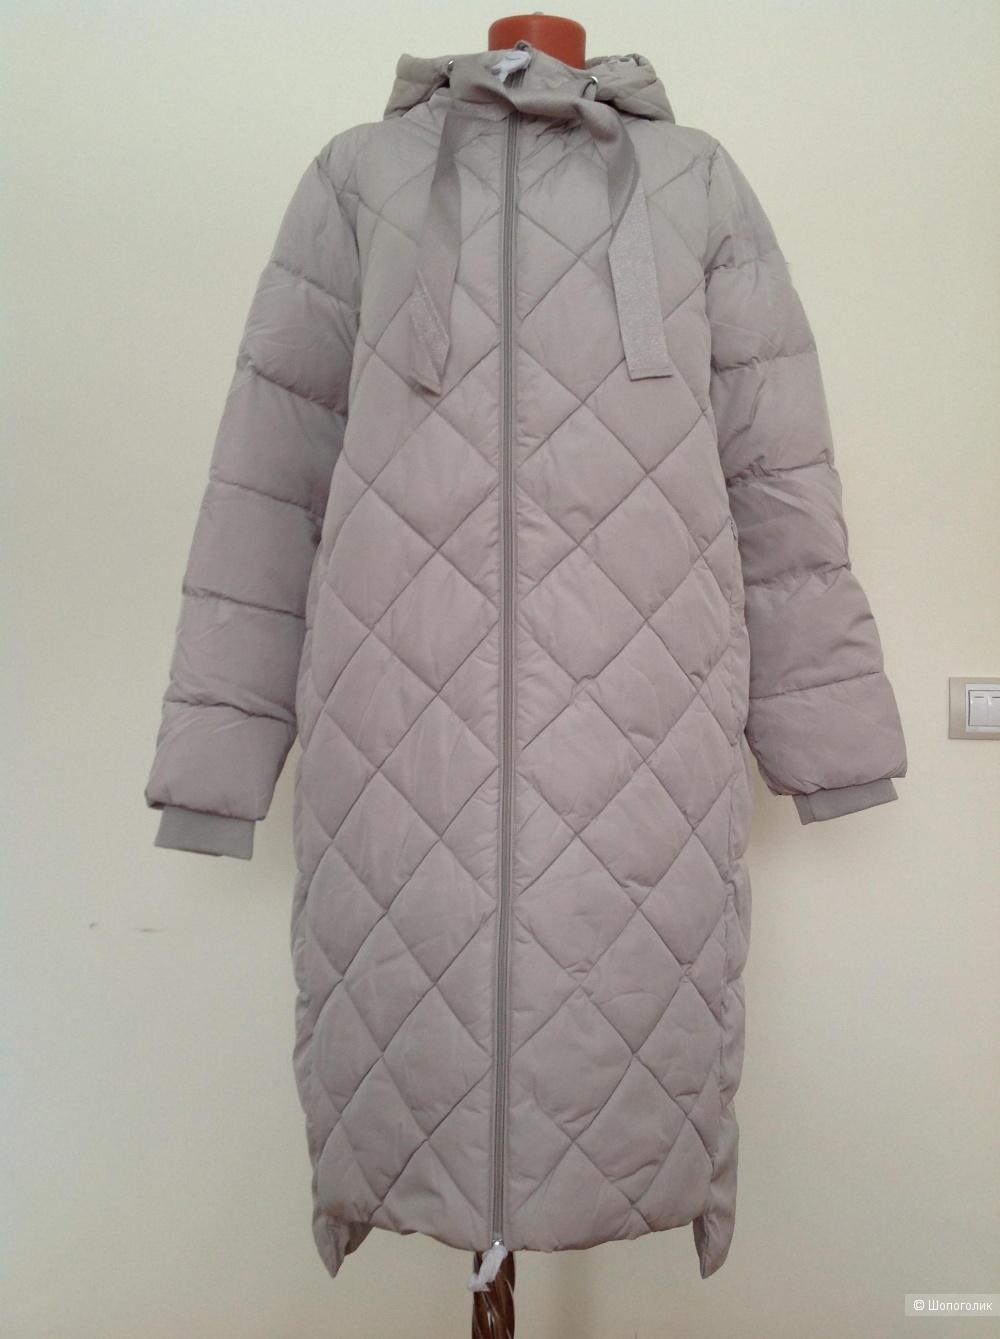 Пуховик пальто ODRI mio, размер 46 IT, на 48-50-52